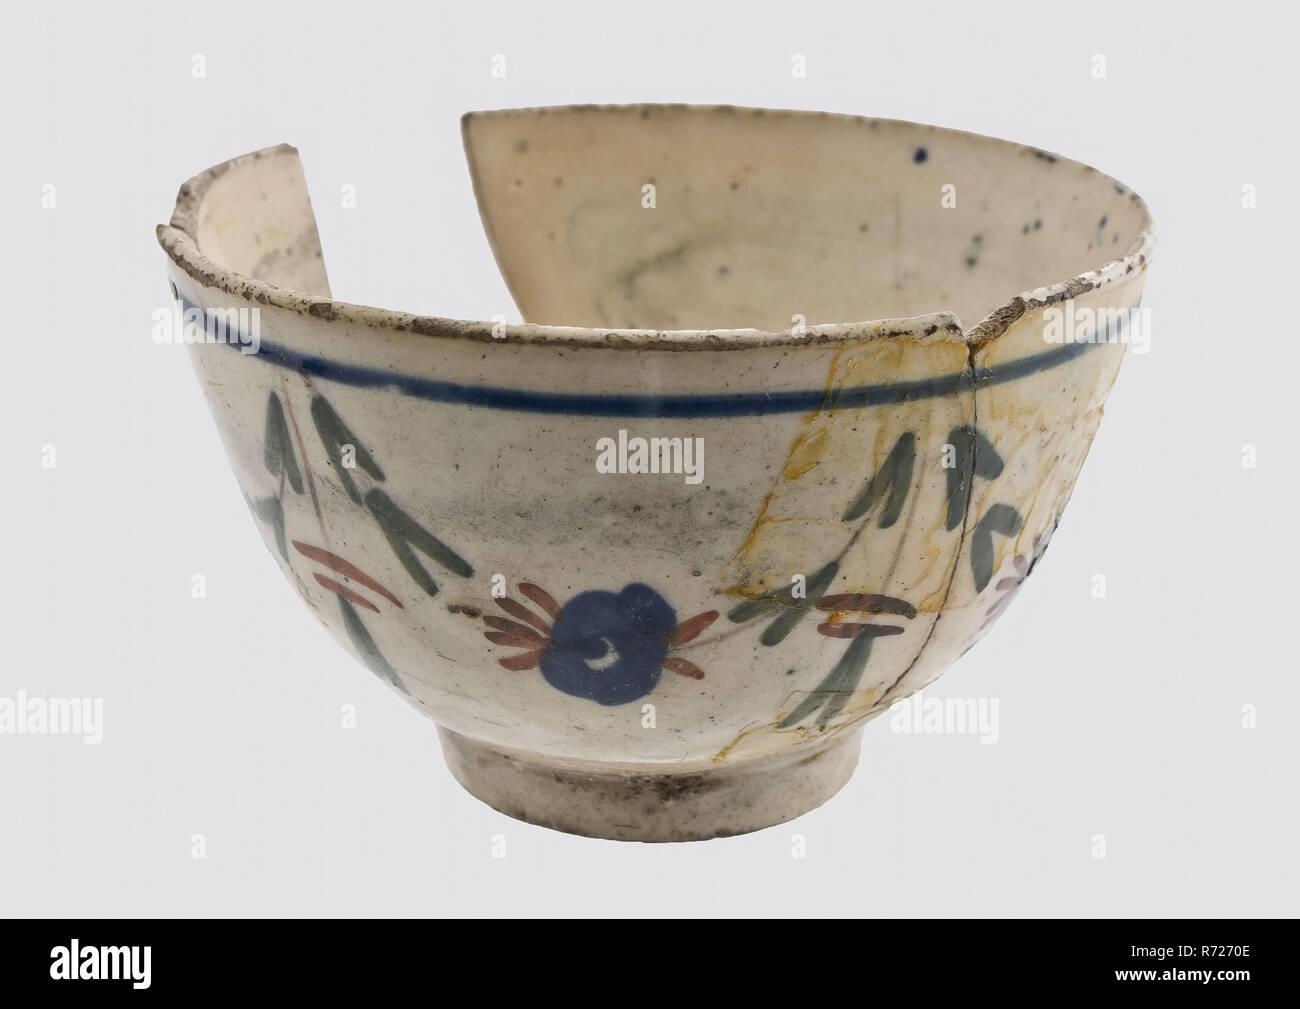 Teeschale Mit Einfachen Farbigen Blumengirlanden An Der Aussenwand Schussel Geschirr Halter Boden Keramik Porzellan Finden Glasur